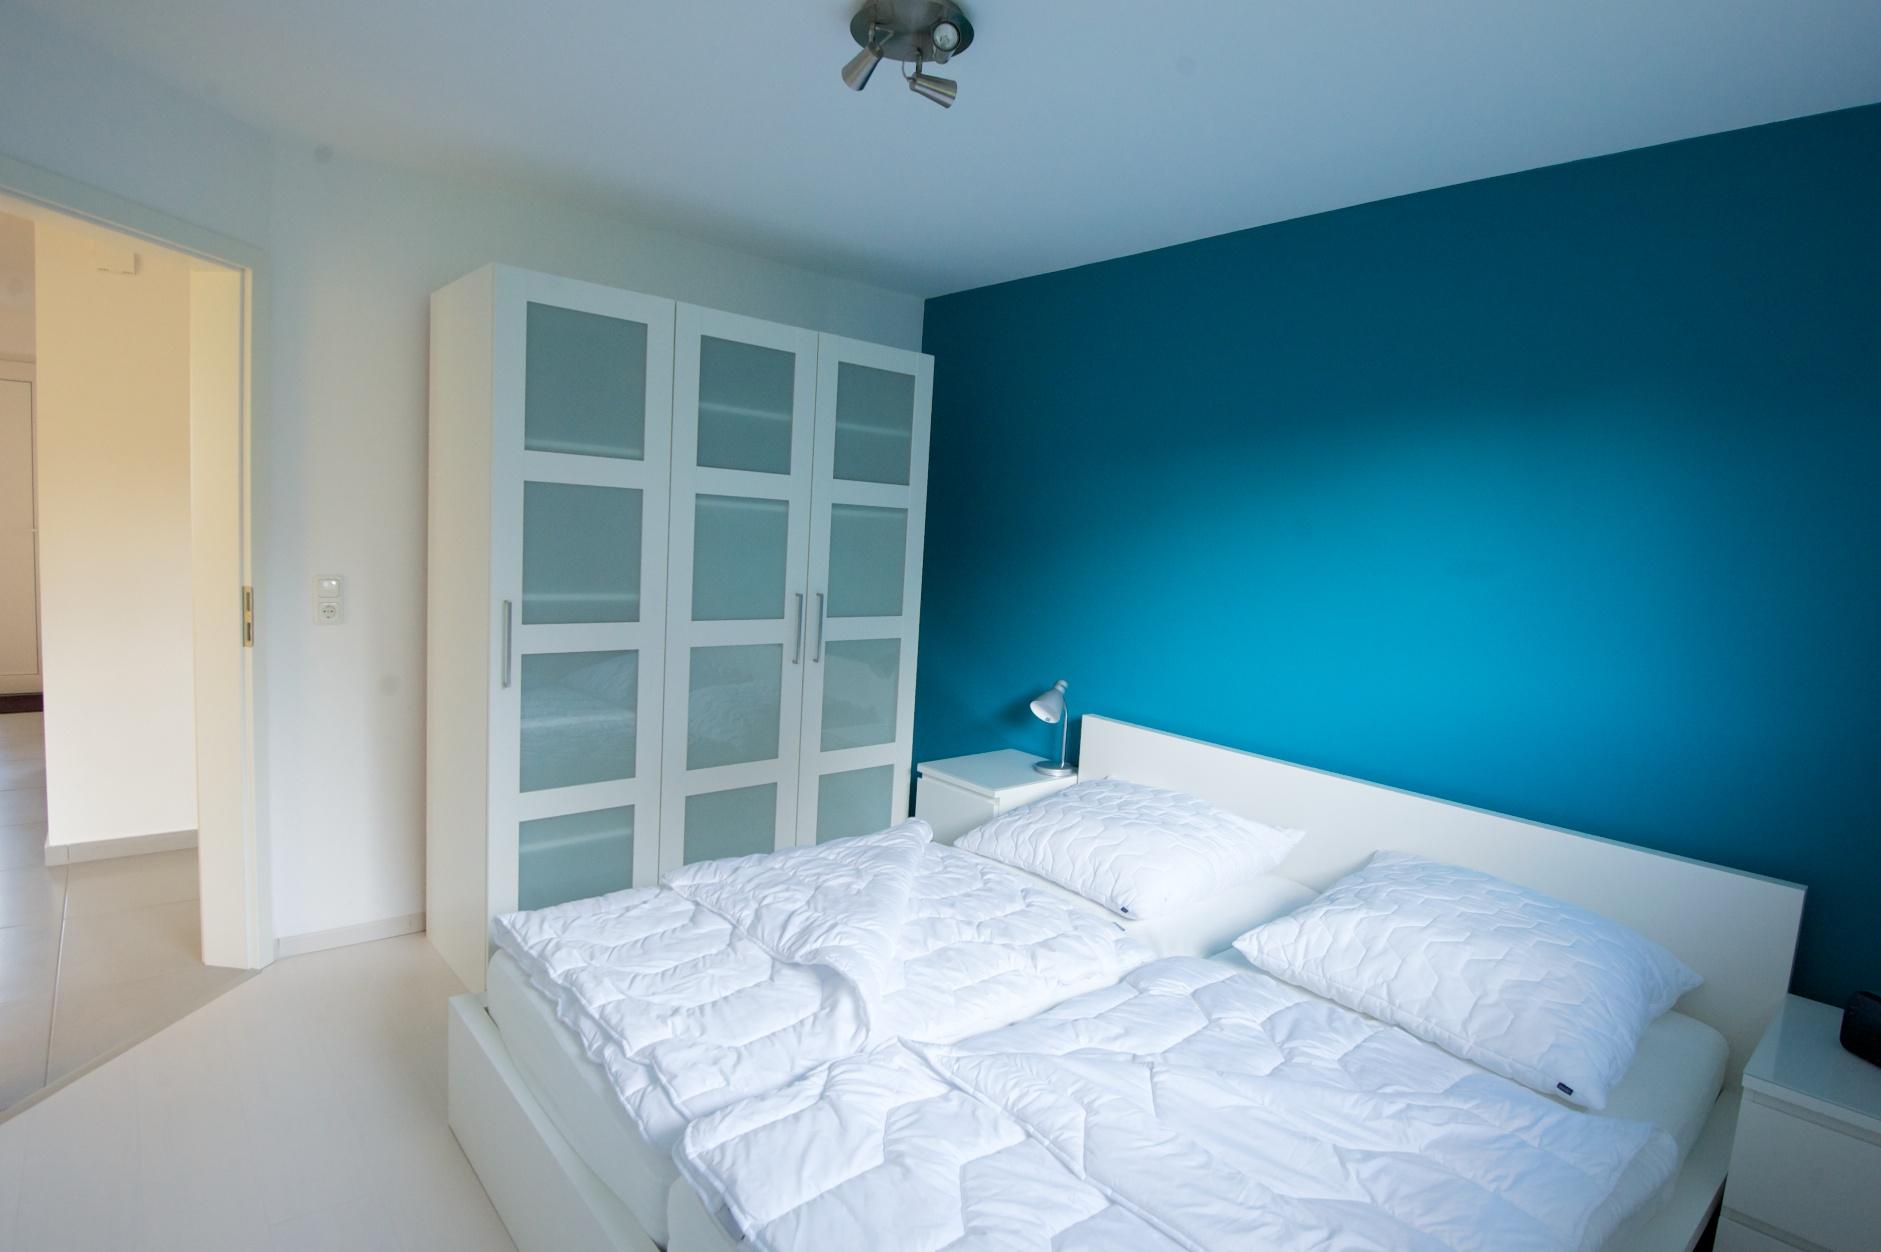 schlafzimmer farben dachschrge images schlafzimmer